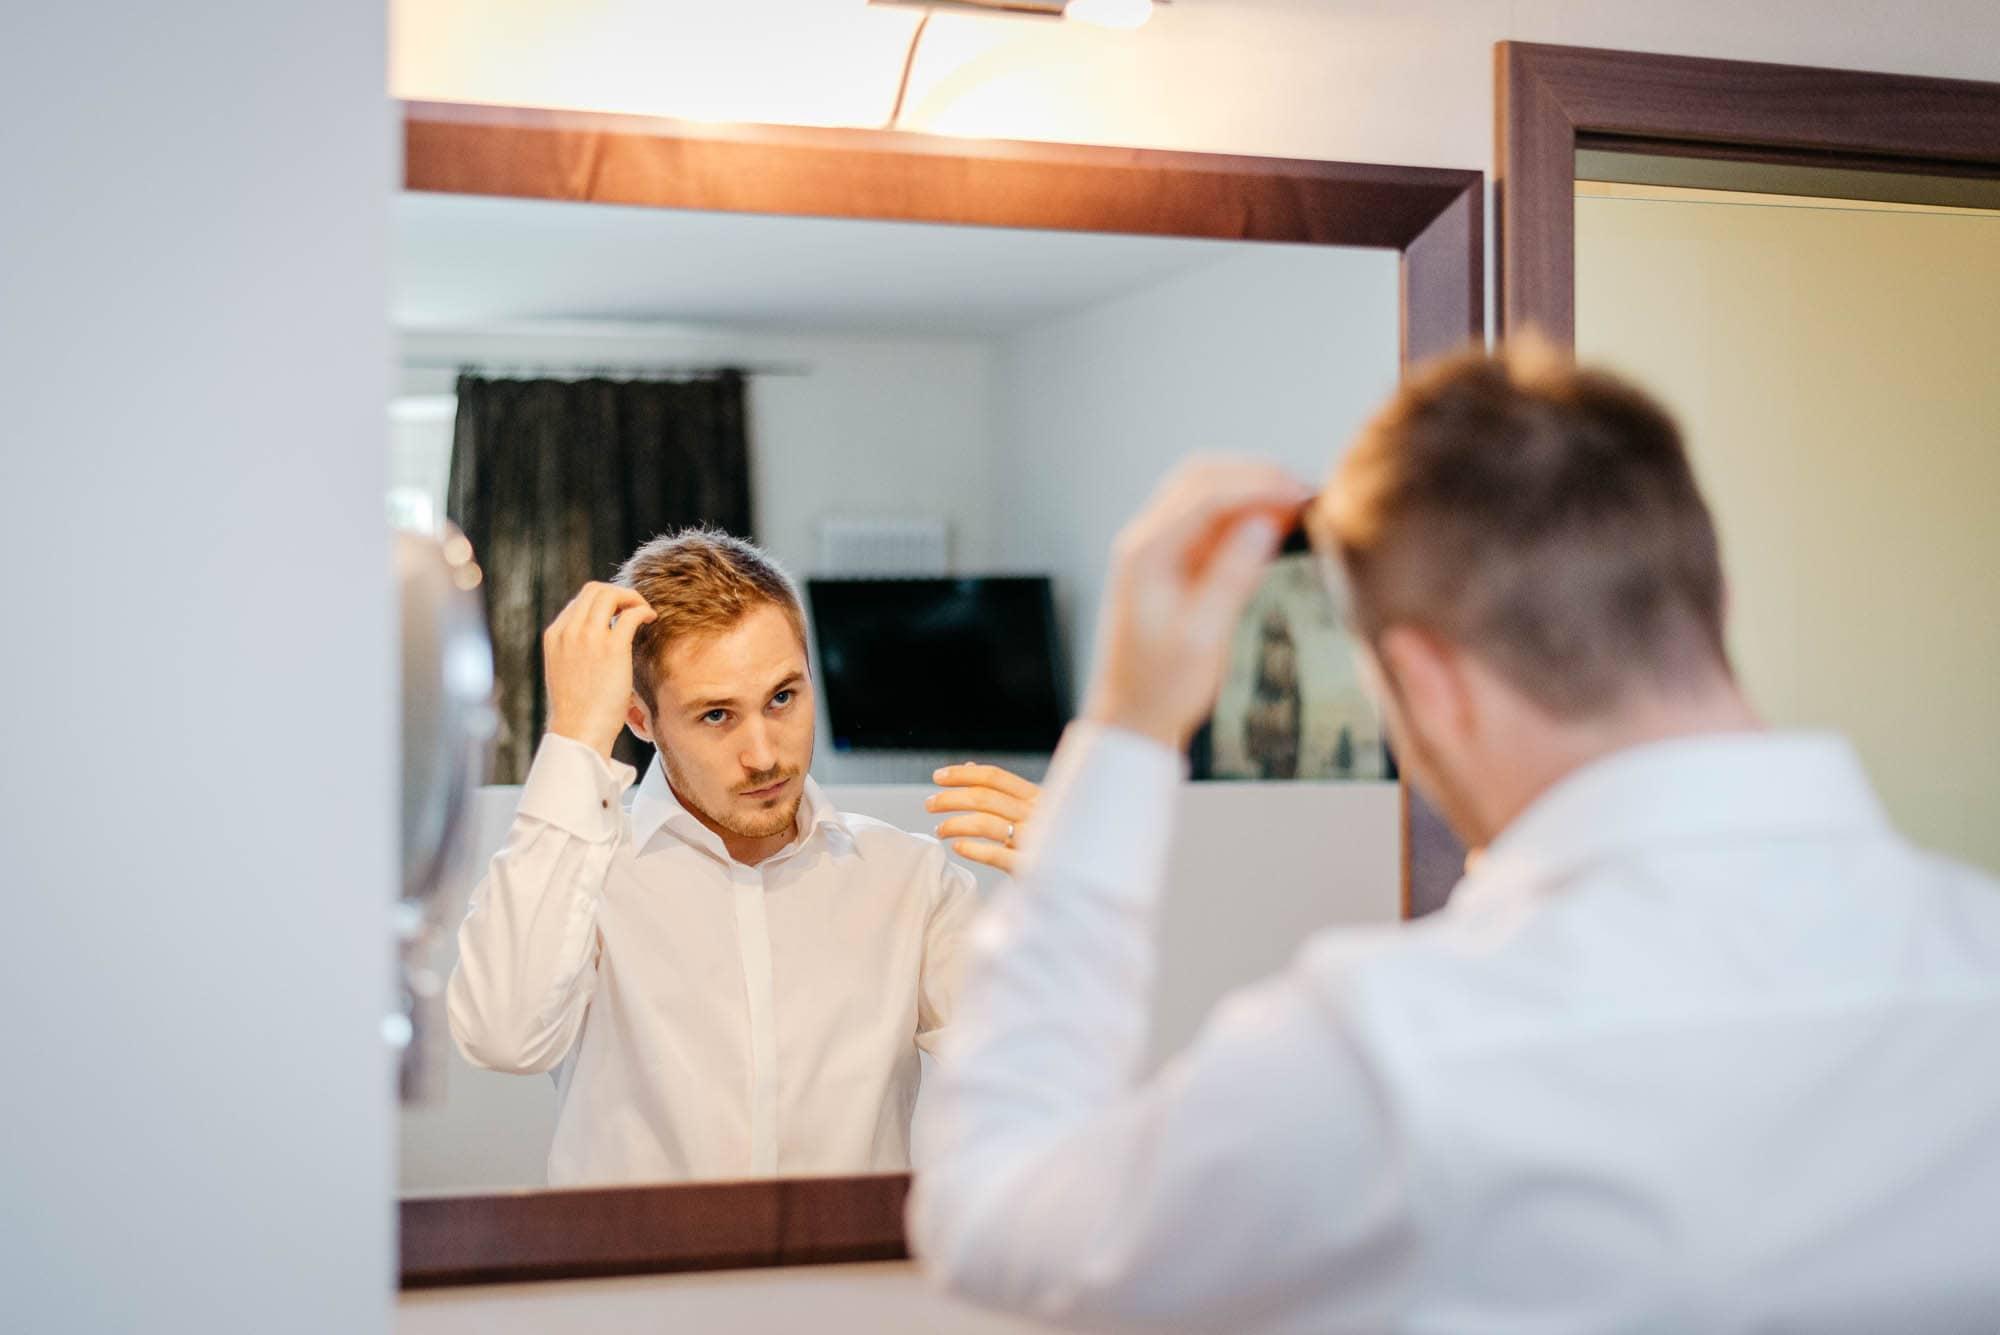 Hochzeit im Hotel Grenzhof in Heidelberg mit Steffi und Yannick - Getting Ready